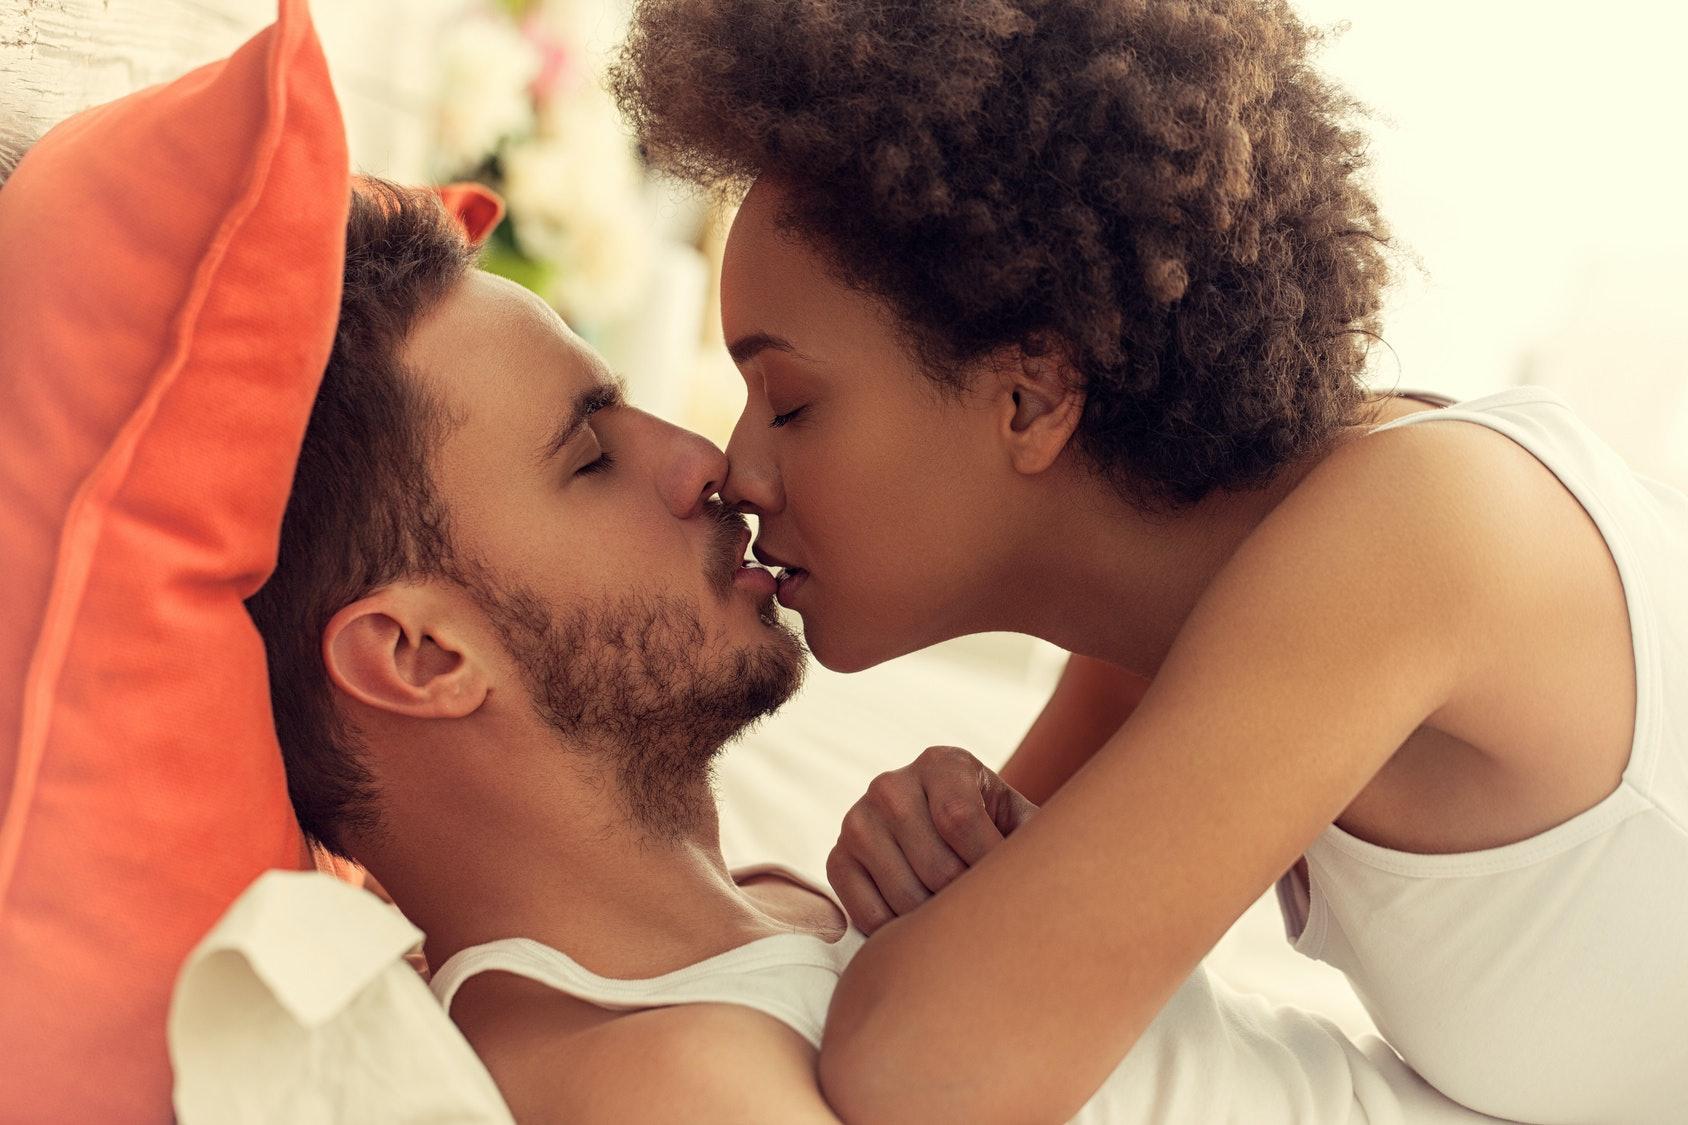 Male orgasm so short yahoo answers